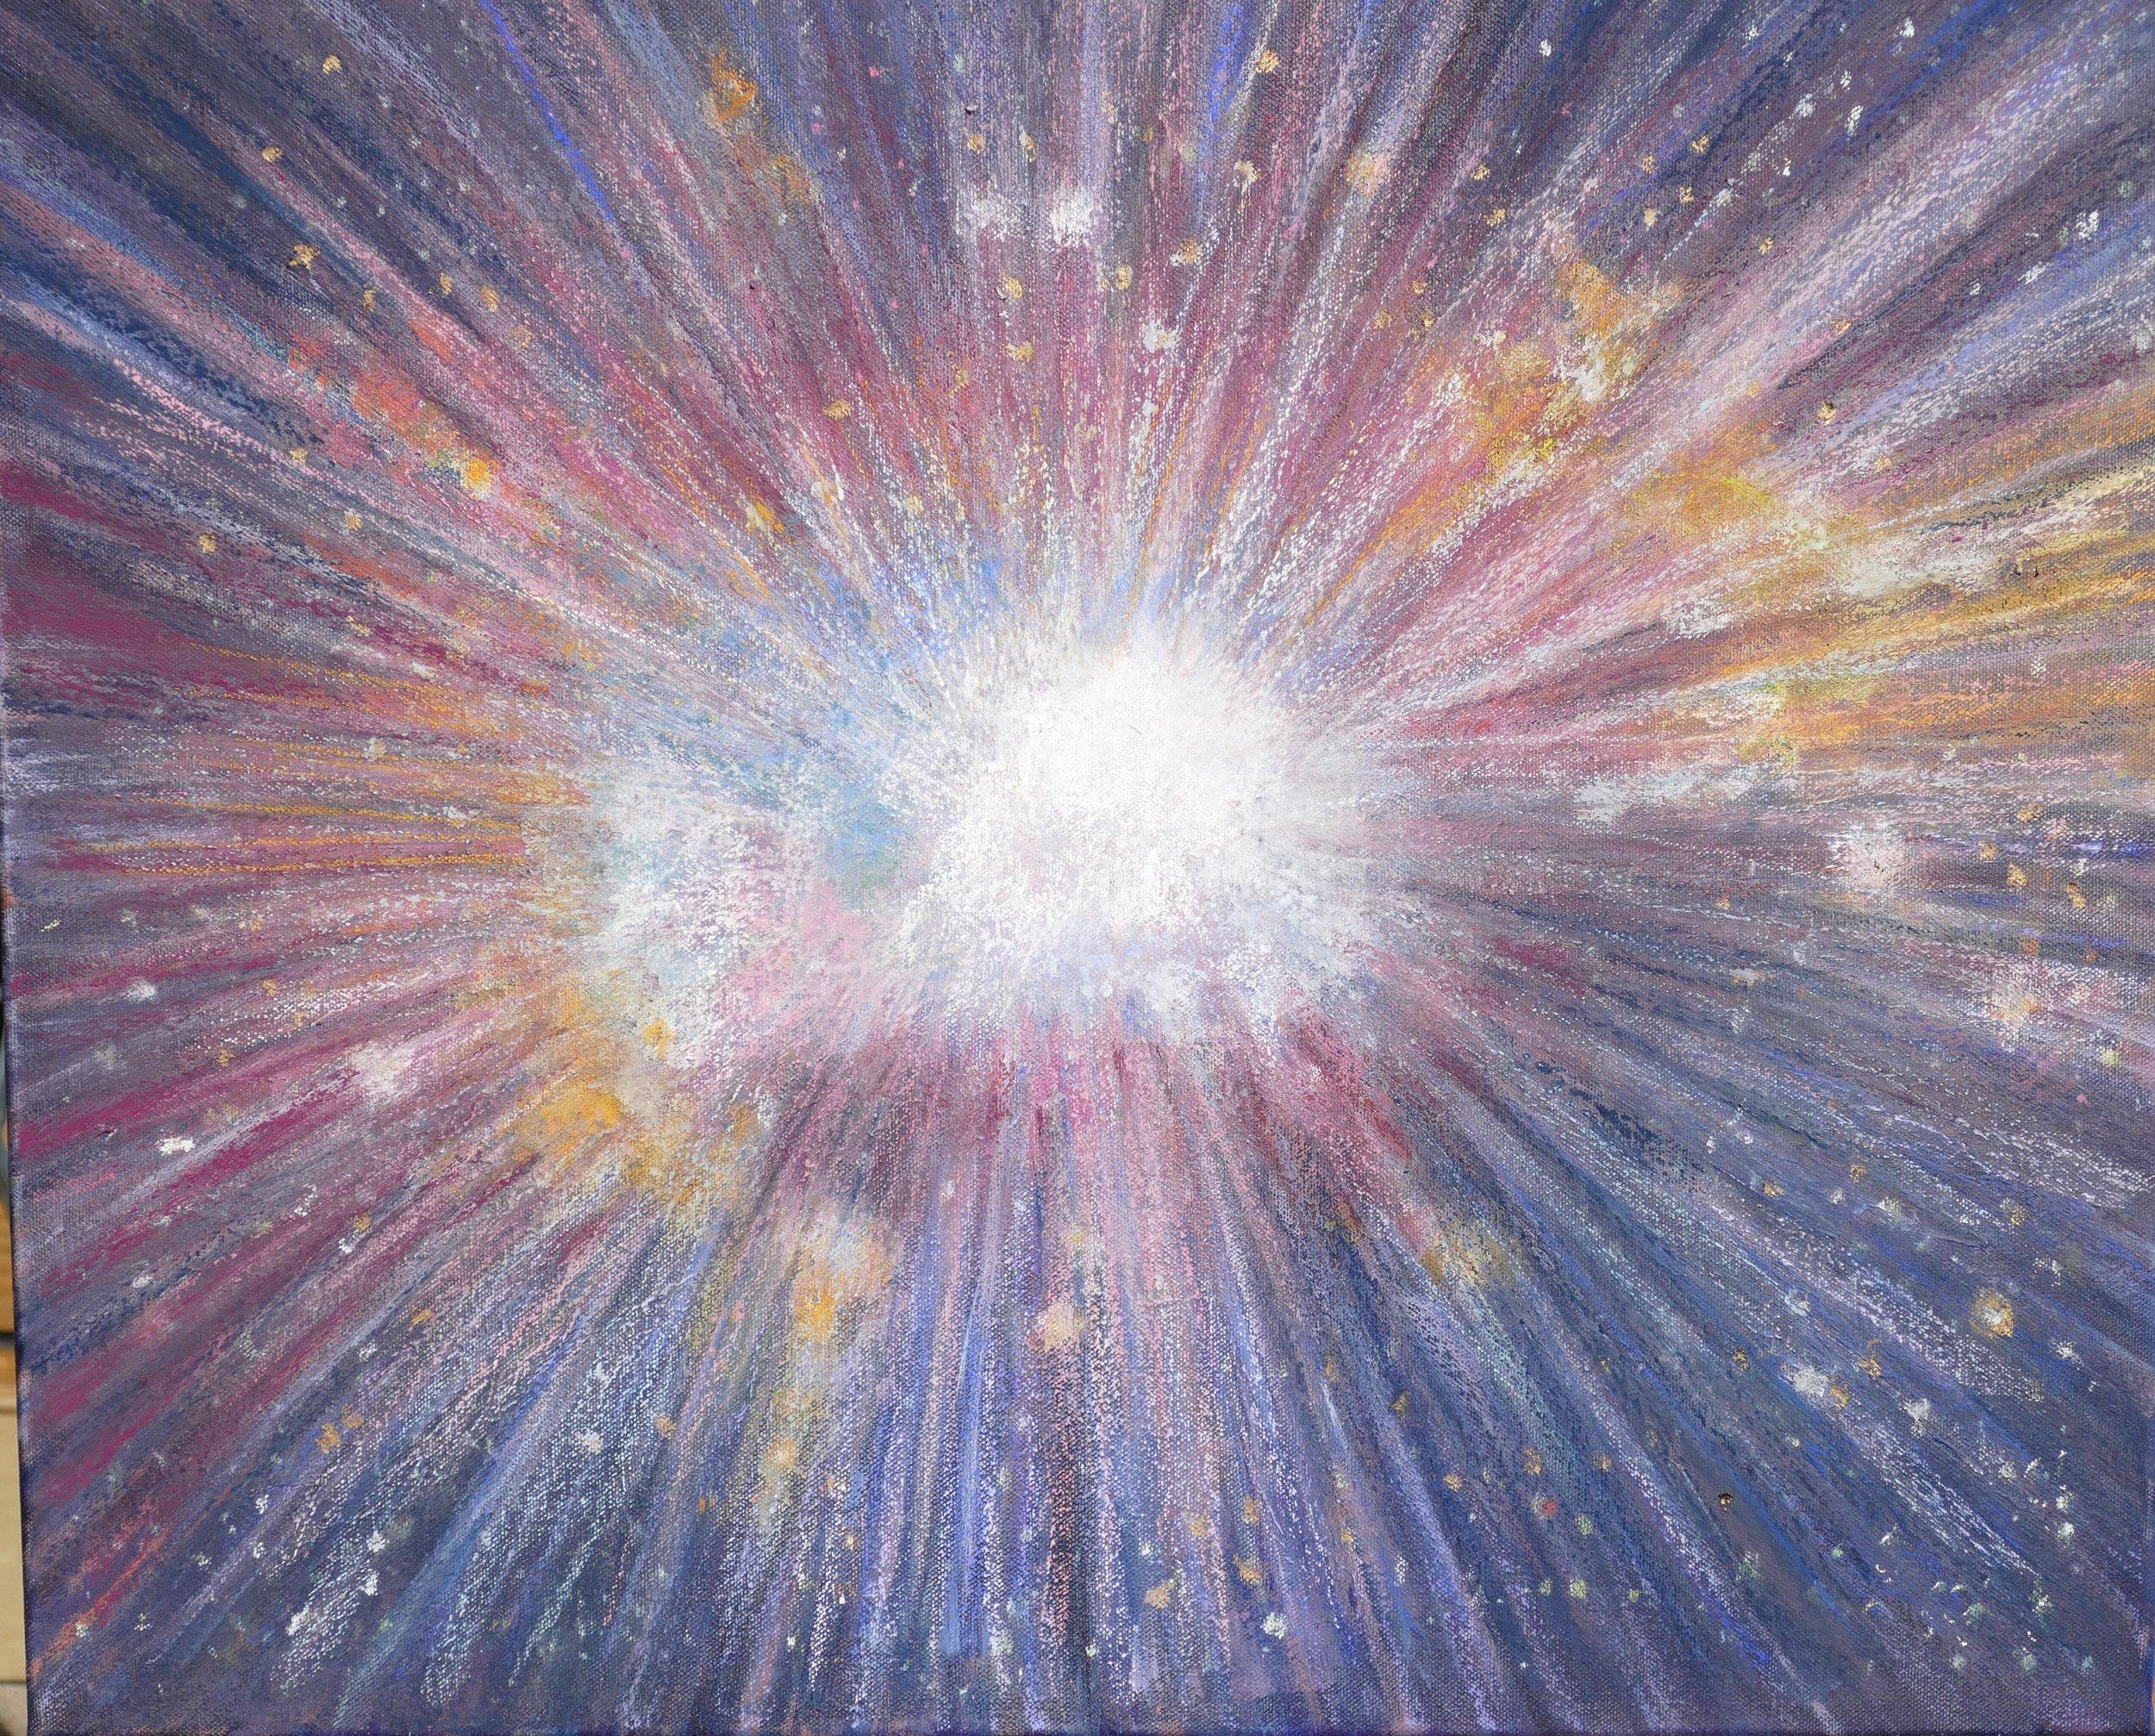 Print 21 - The Universe 2 - Size: 365 x 294